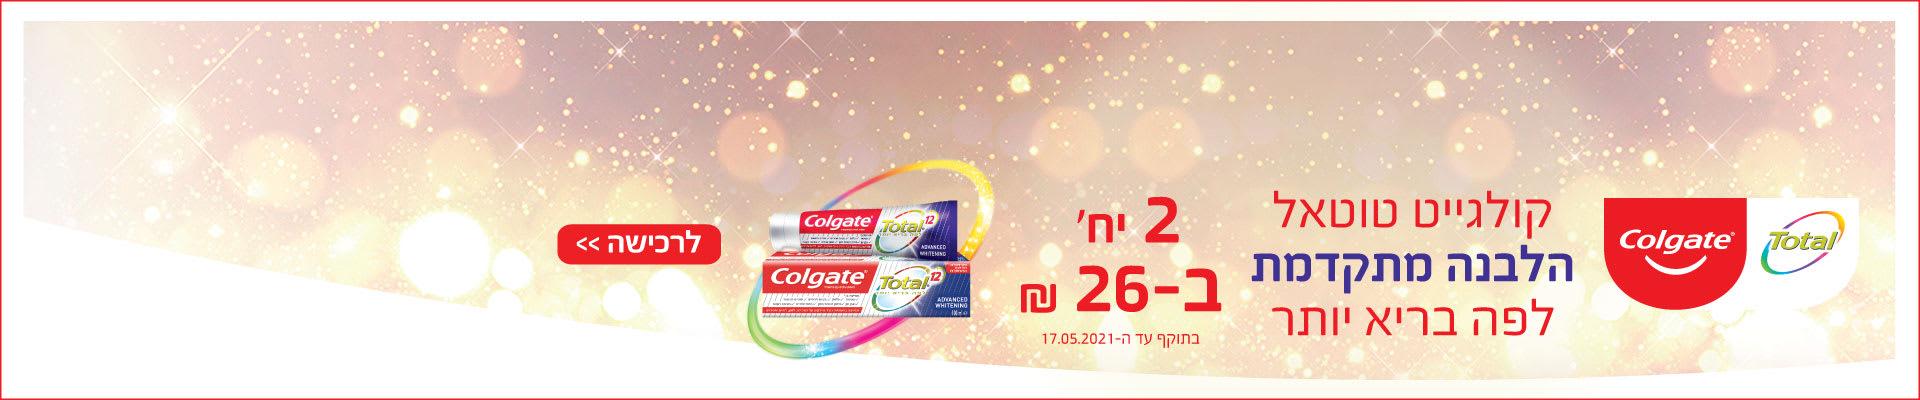 קולגייט טוטאל הלבנה מתקדמת לפה בריא יותר 2 יח' ב-26 ₪ בתוקף עד ה-17.5